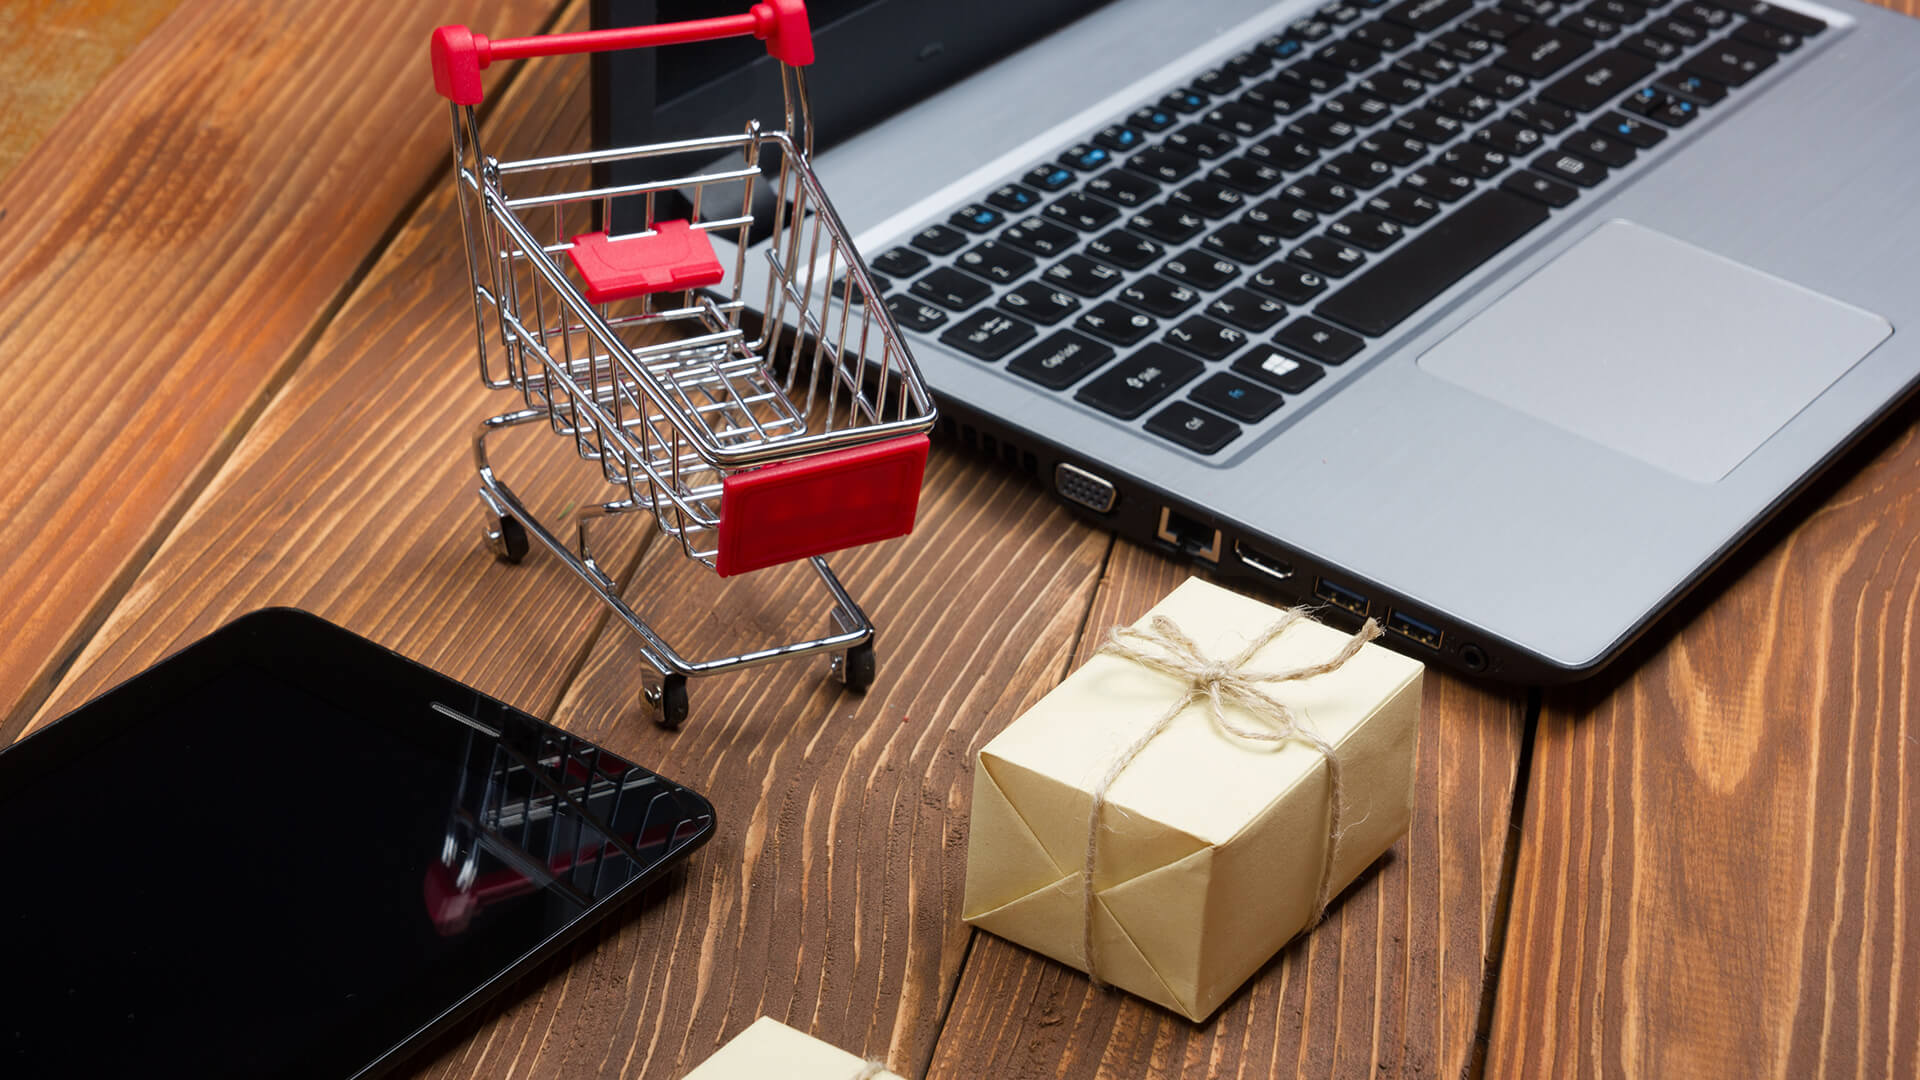 Open an online store